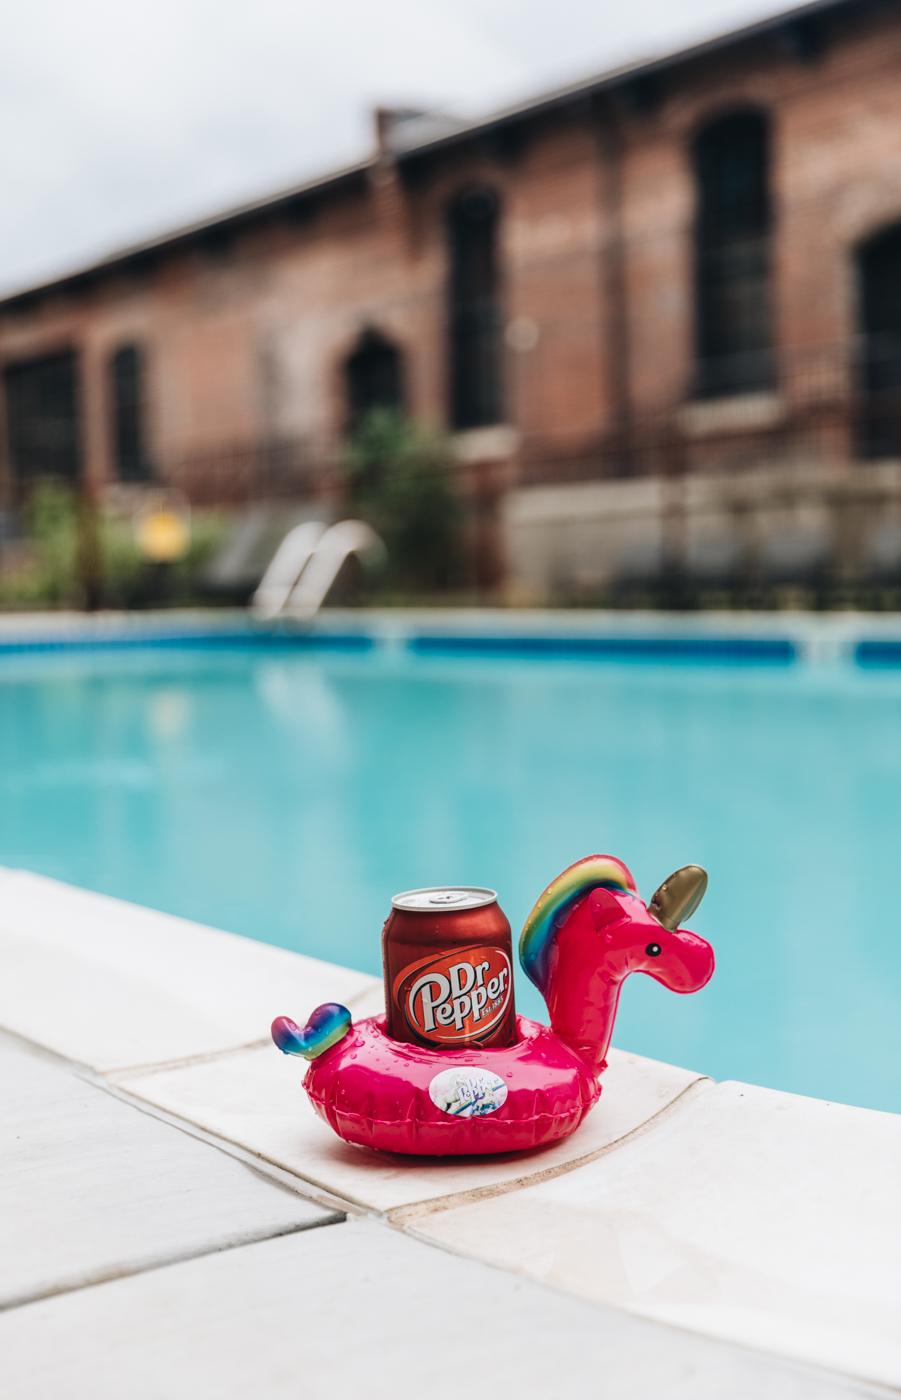 dr pepper, germantown mill lofts, louisville kentucky, the kentucky gent, top lifestyle blog